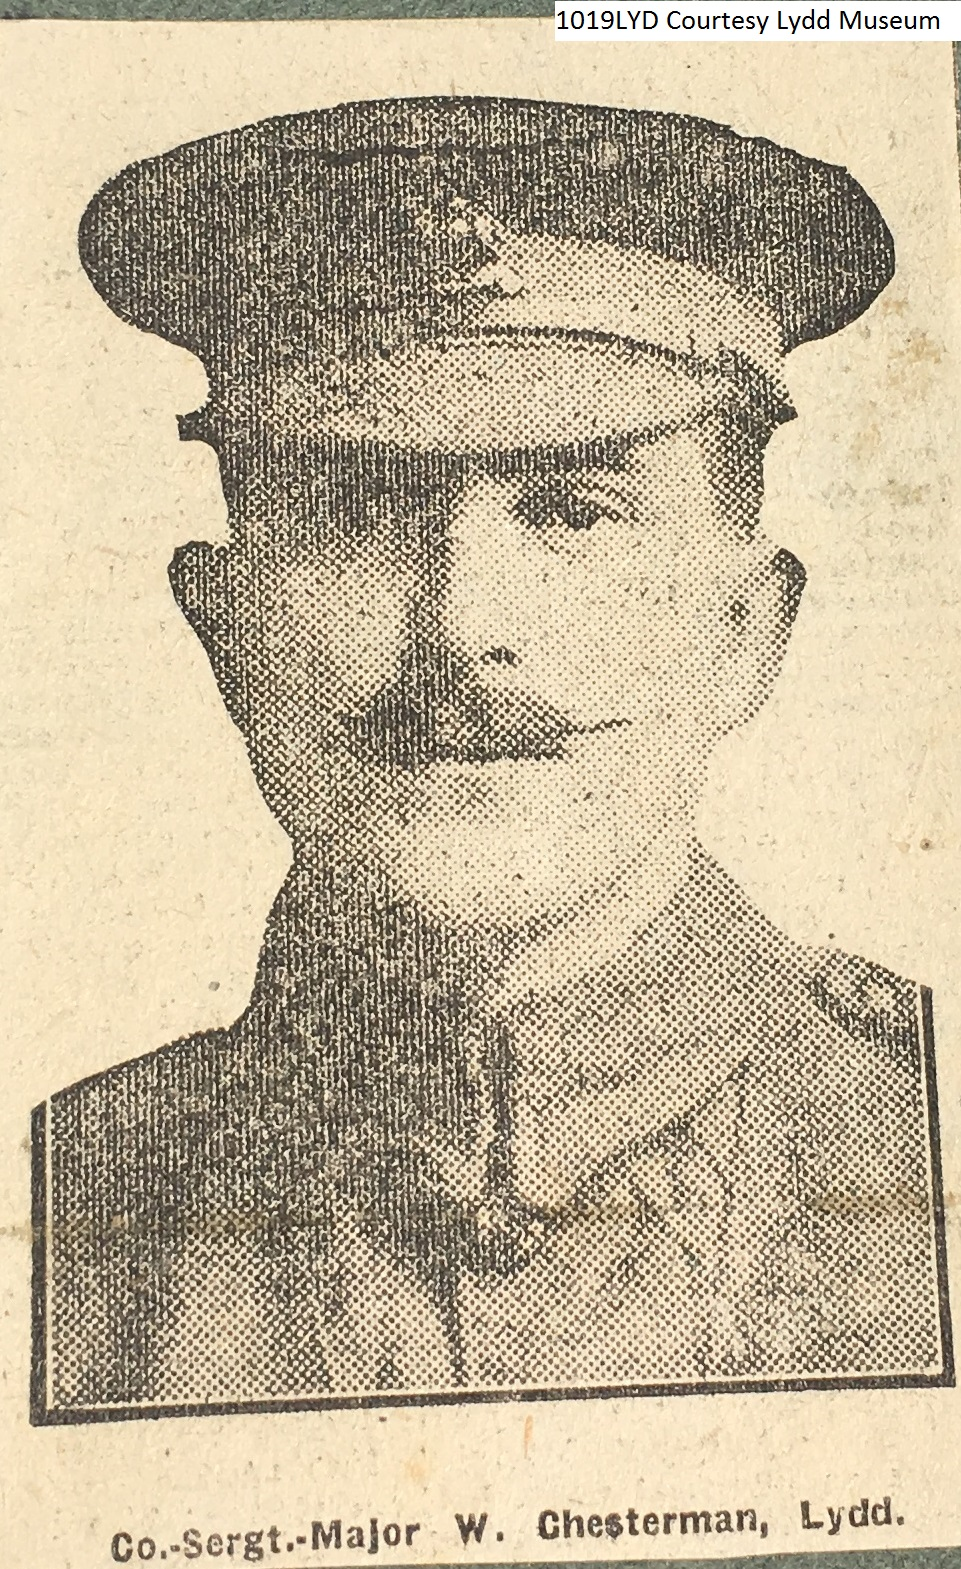 W.Chesterman